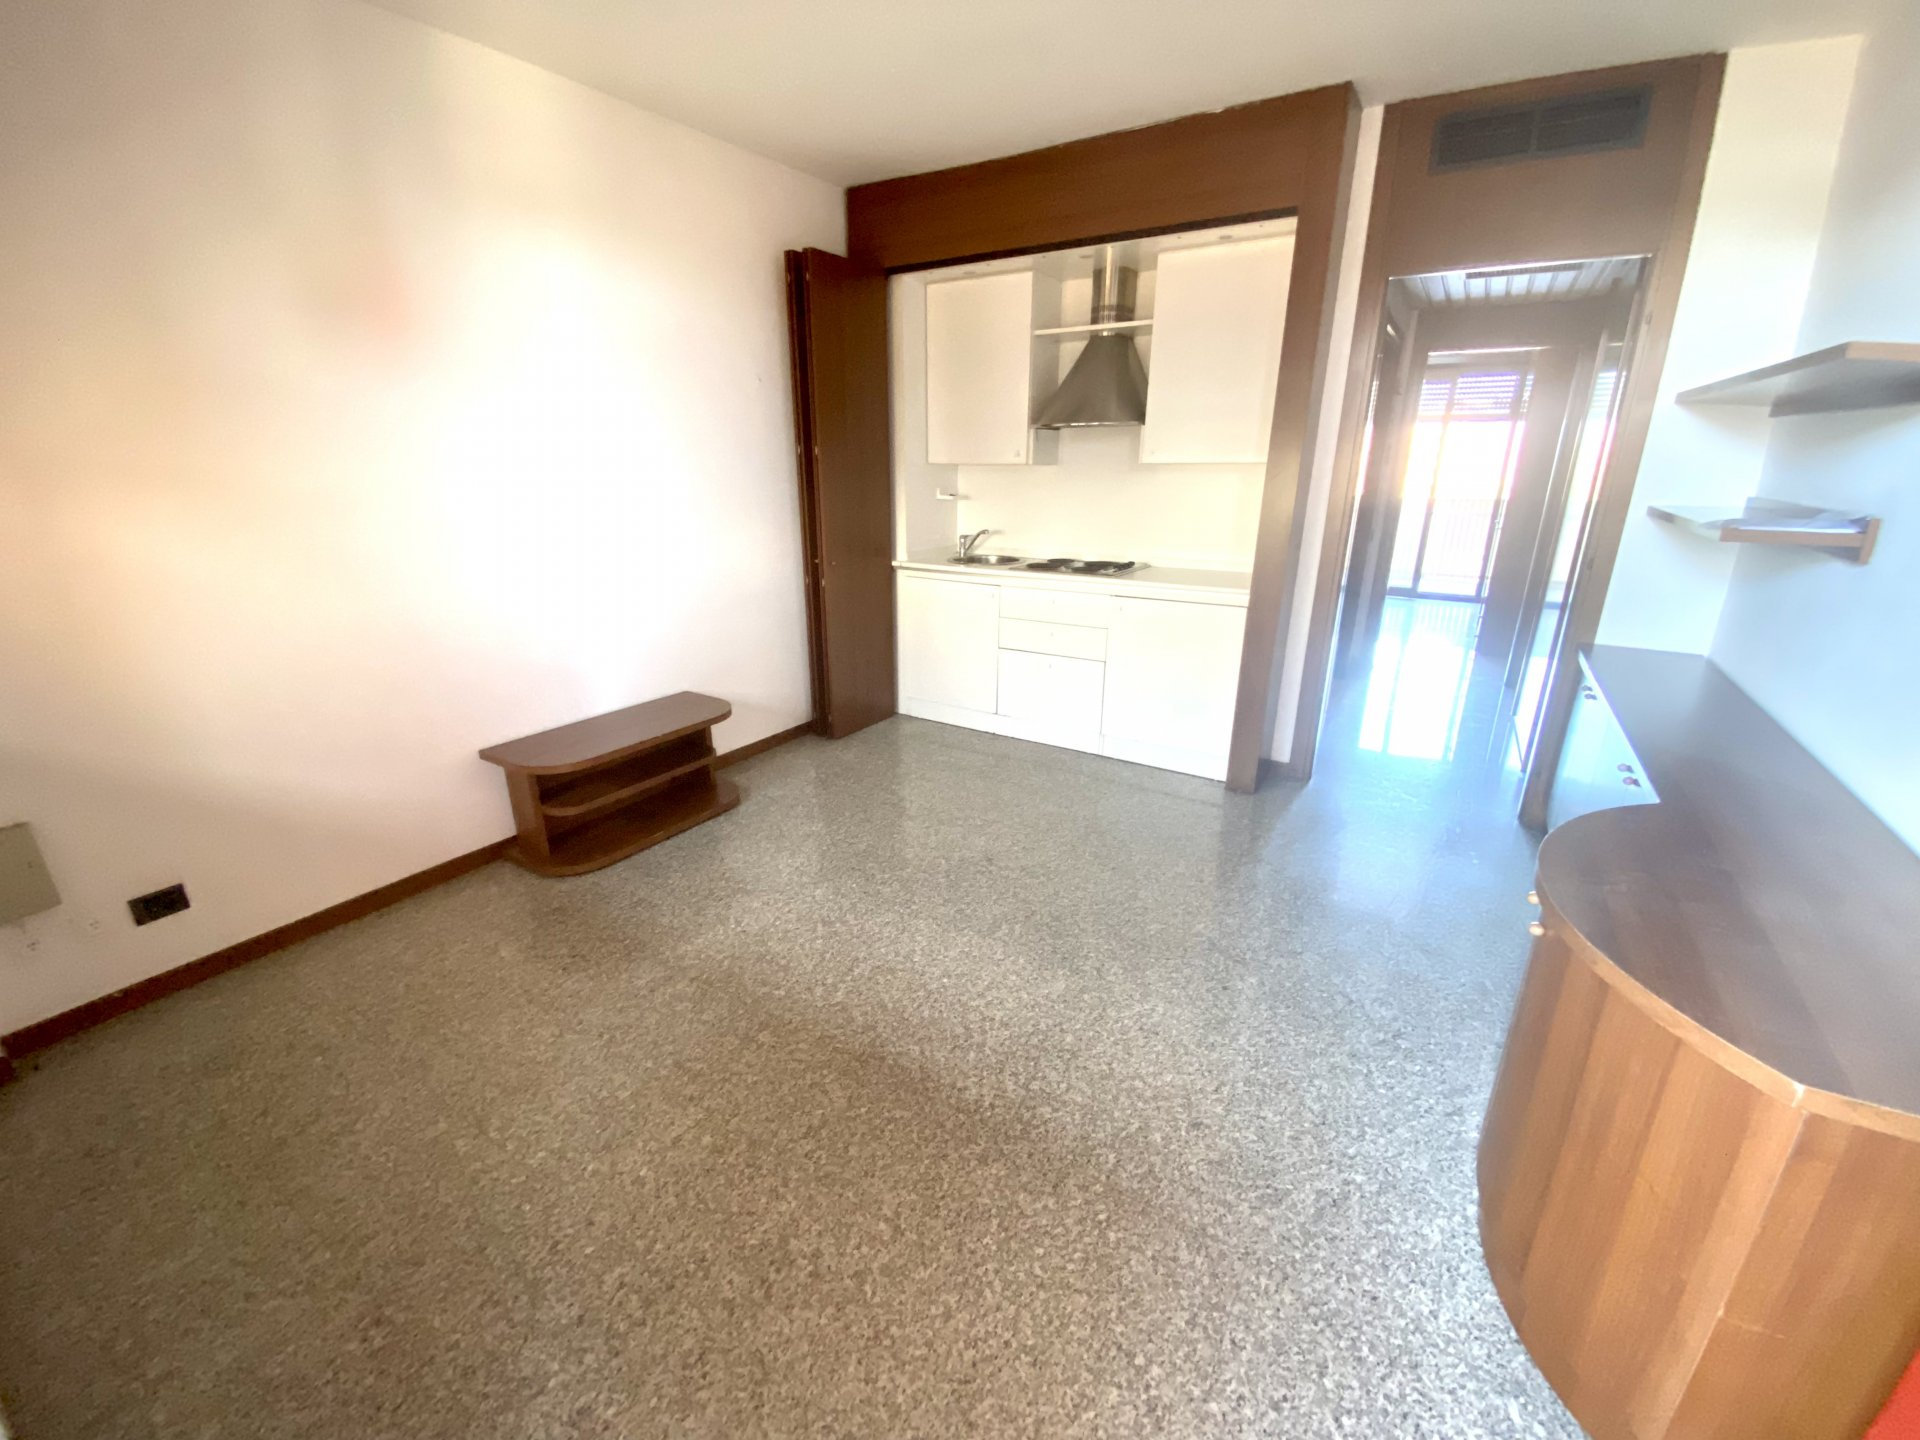 sala/cucina